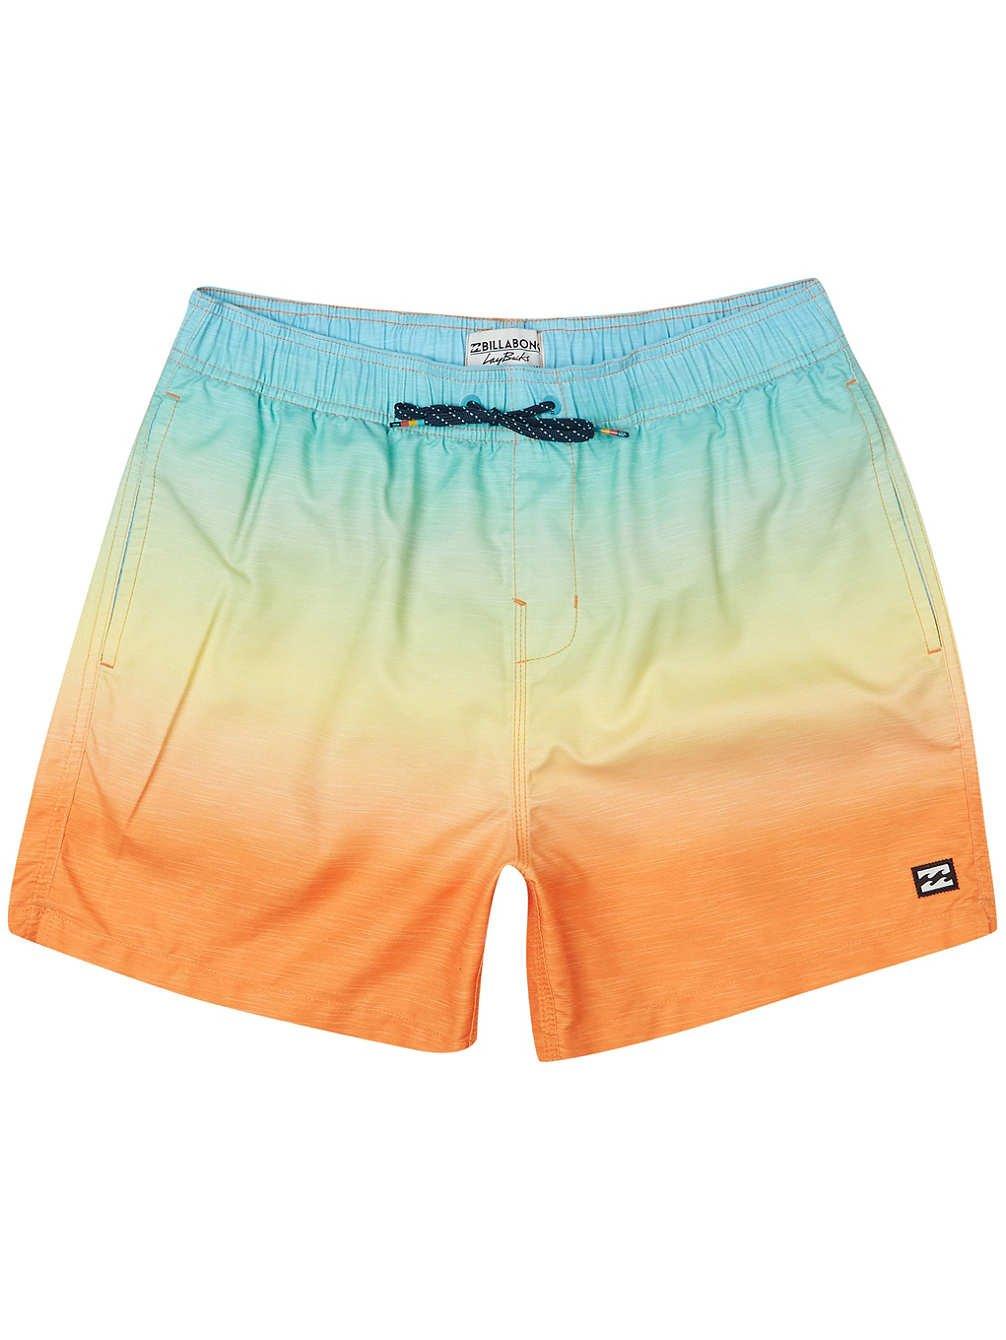 BILLABONG Tripper LB 16, Shorts